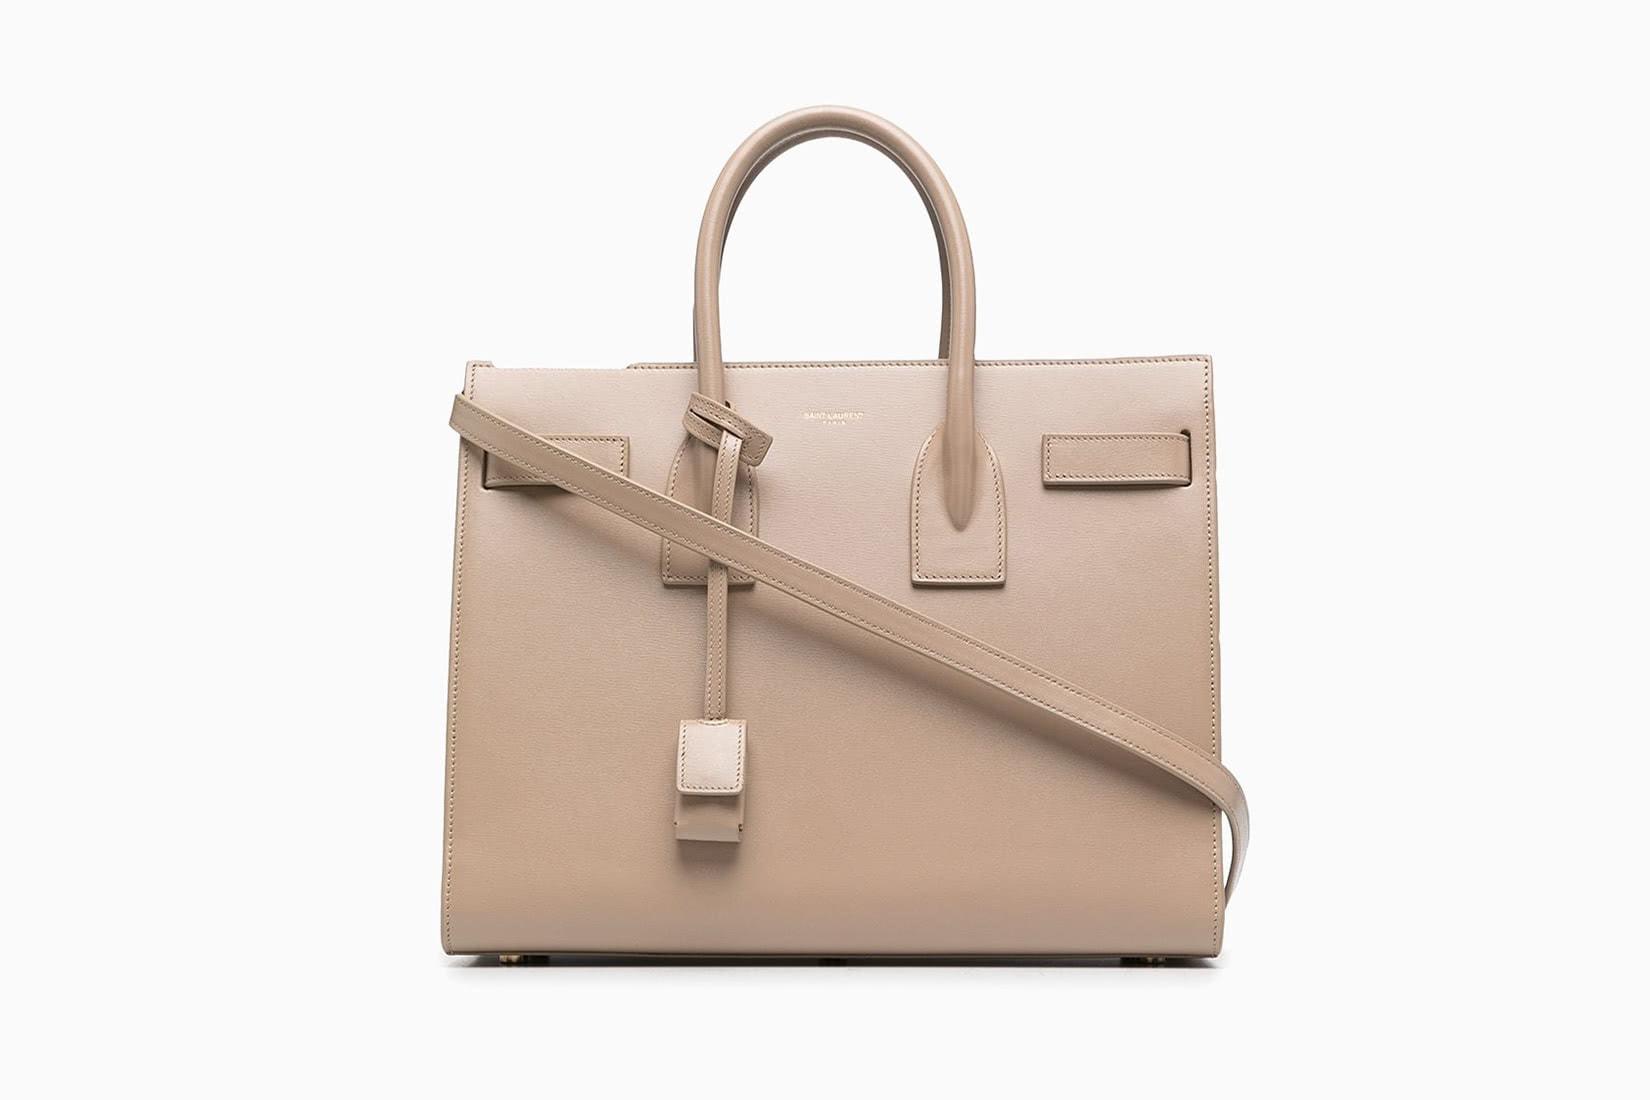 best women work bags Saint Laurent Sac De Jour review - Luxe Digital